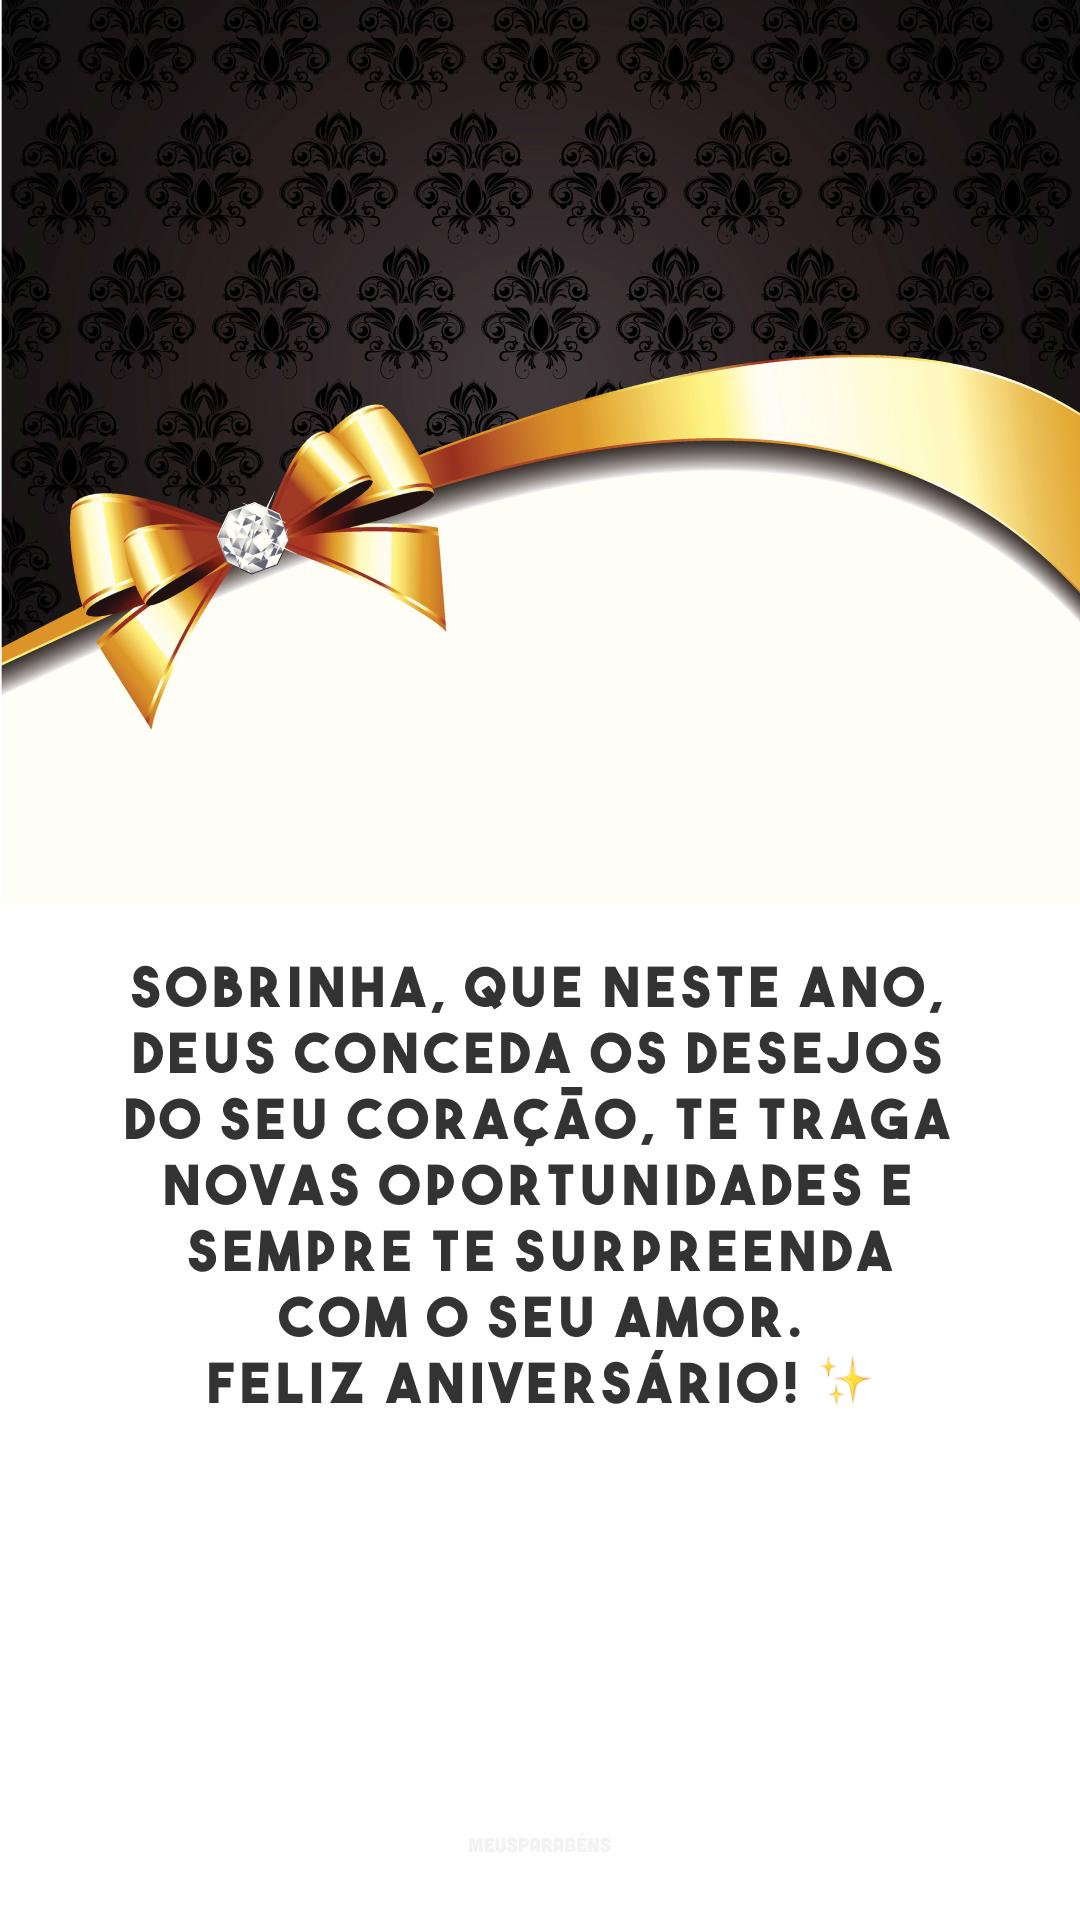 Sobrinha, que neste ano, Deus conceda os desejos do seu coração, te traga novas oportunidades e sempre te surpreenda com o Seu amor. Feliz aniversário!